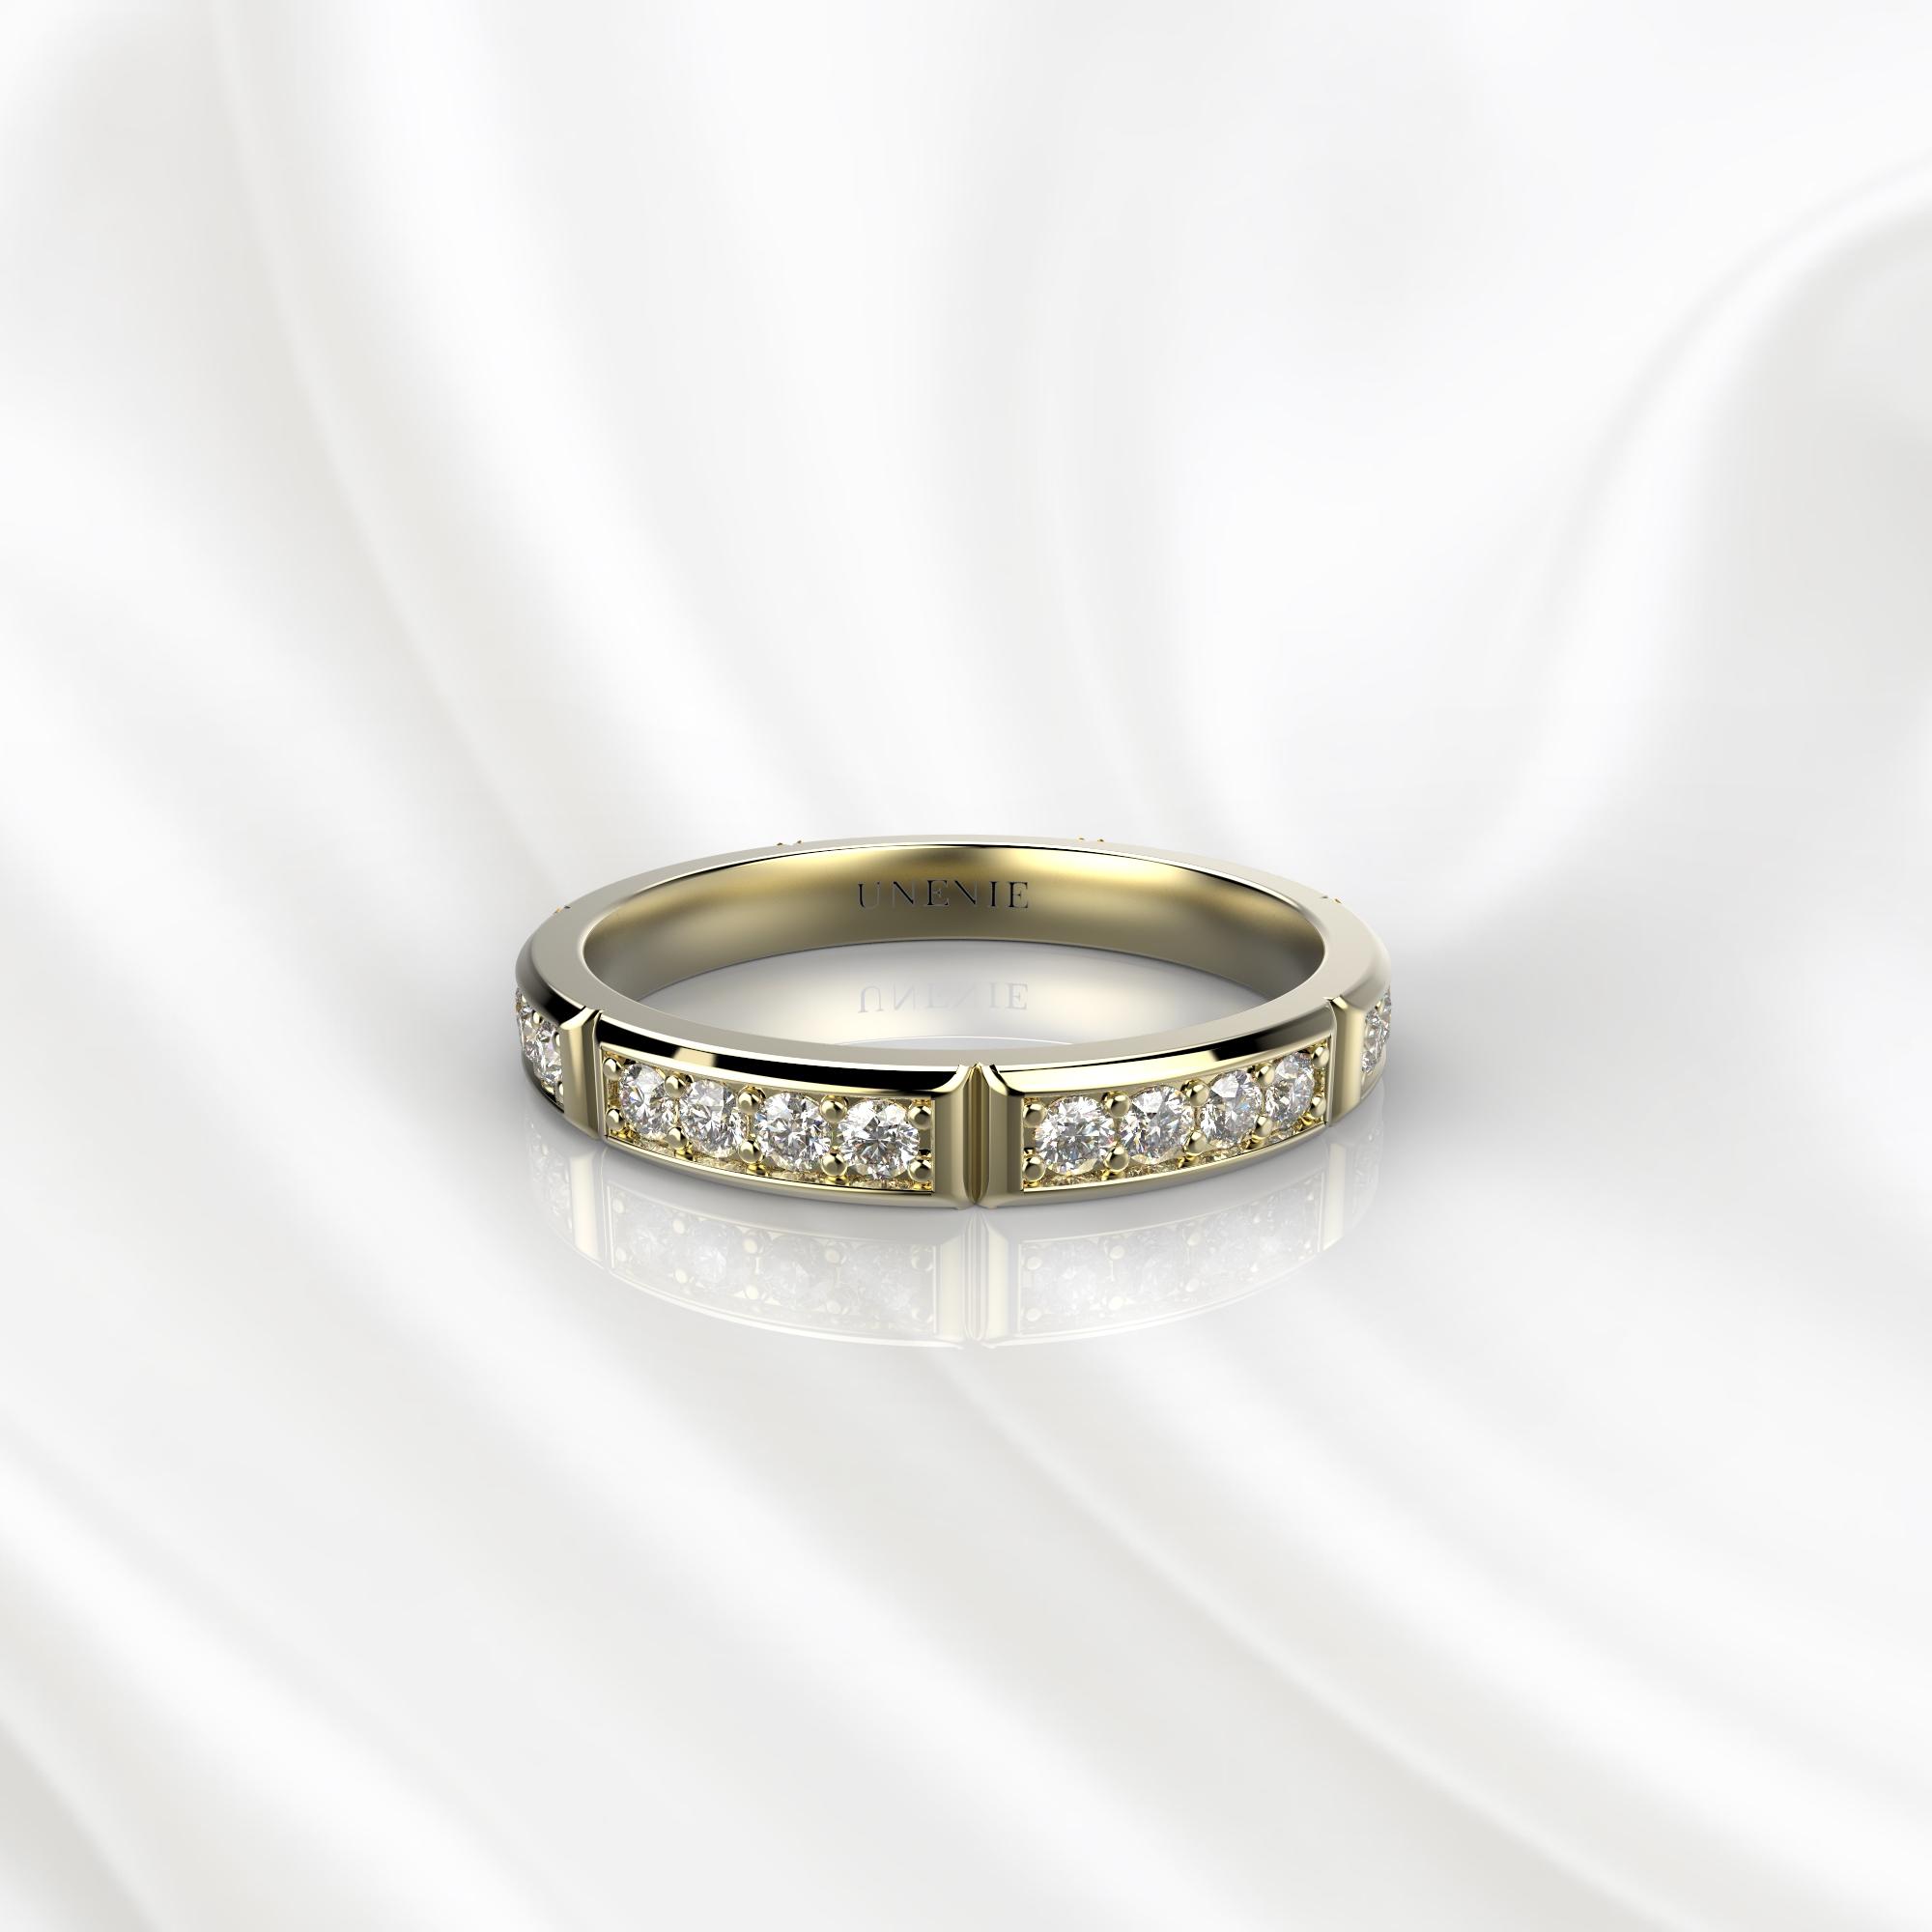 E17 Обручальное кольцо из желтого золота с 28 бриллиантами